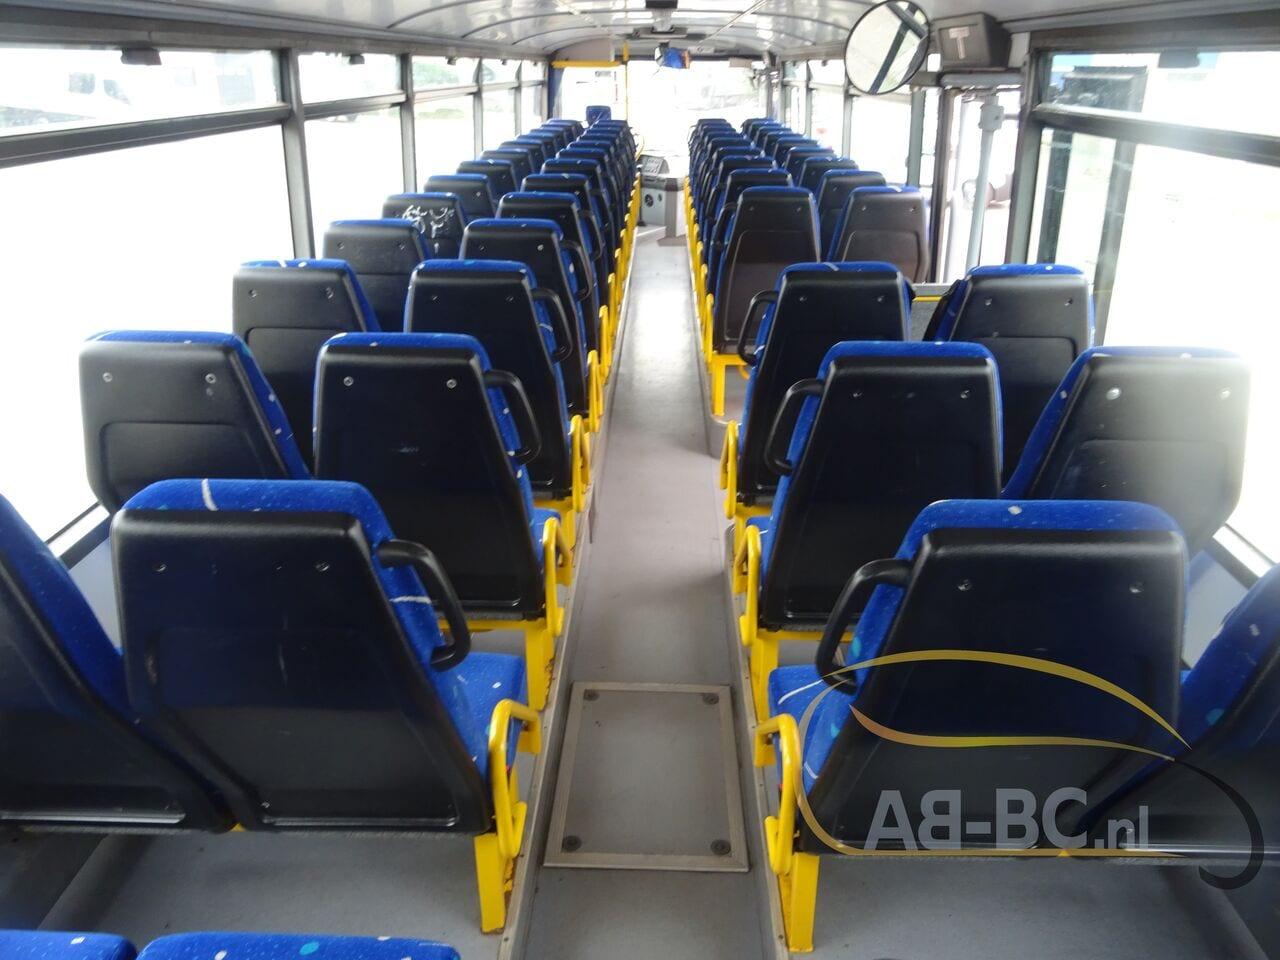 interurban-busIVECO-Irisbus-Recreo-64-Seats---1626160171751258684_big_fbfe75cf076fb563a9881770b64a40c3--21071309575983154500